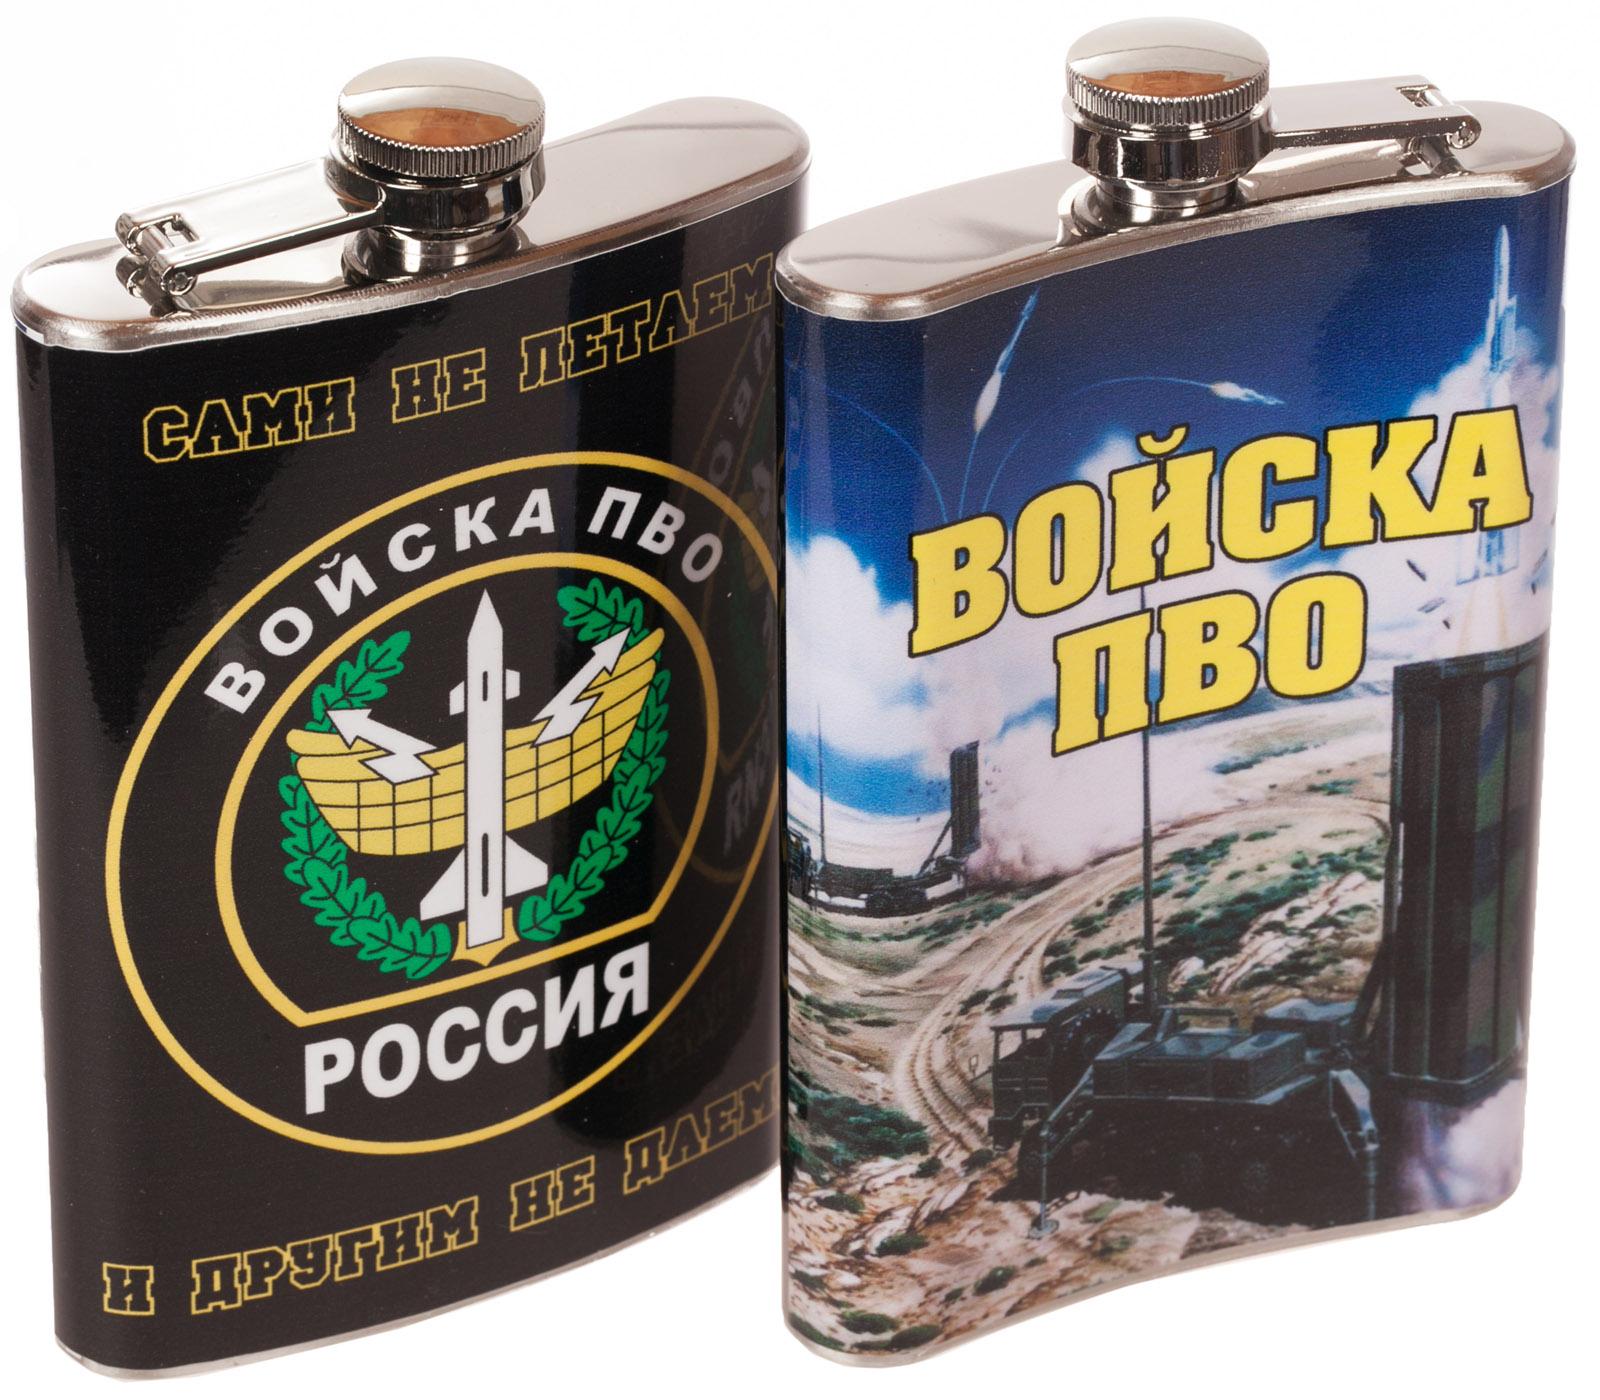 """Купить фляжку """"Войска ПВО"""" оптом и в розницу"""